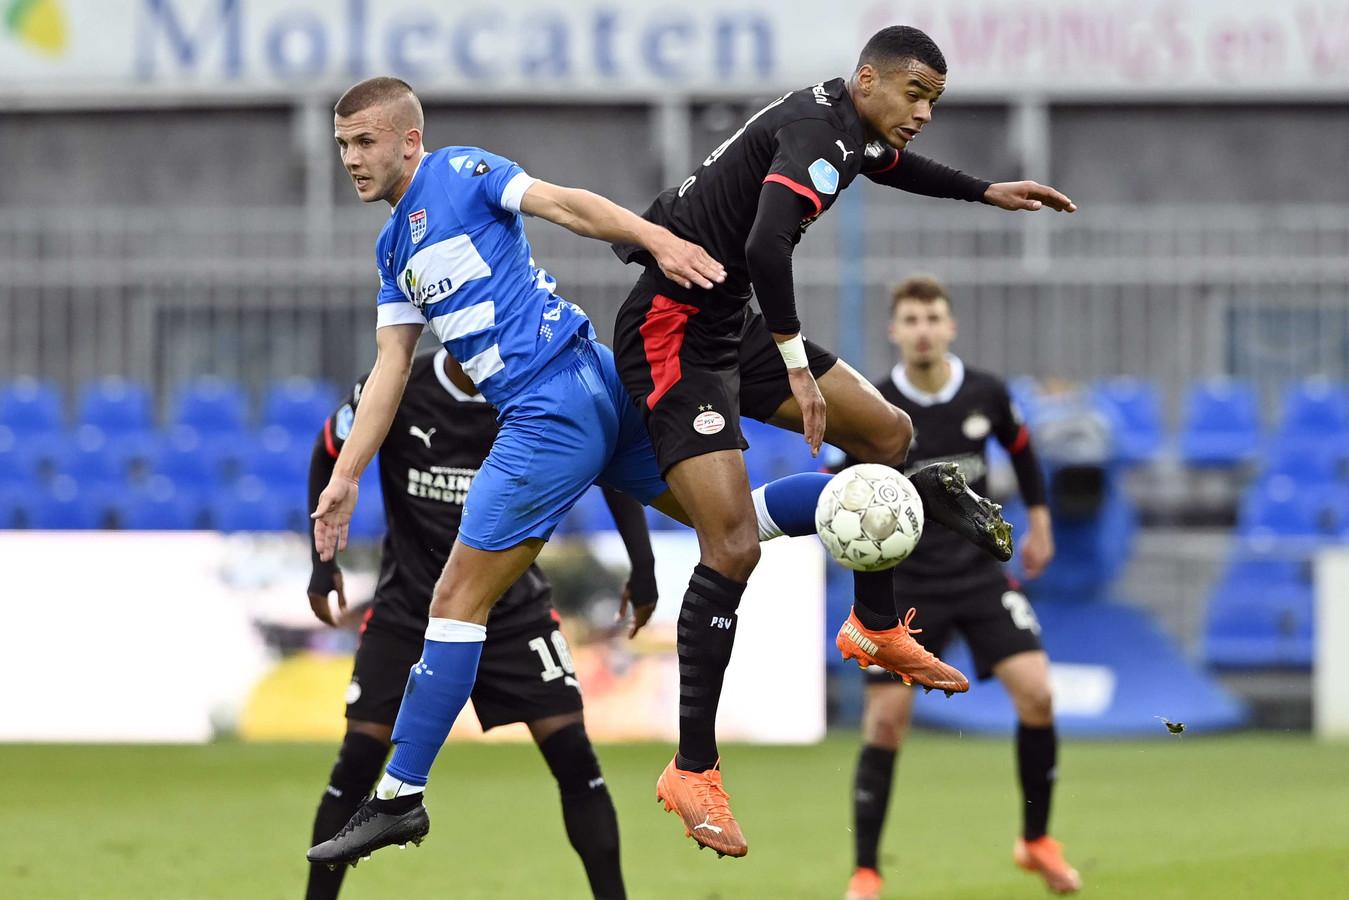 Cody Gakpo en Jesper Droste in duel in oktober, bij de wedstrijd tussen PEC en PSV in Zwolle.